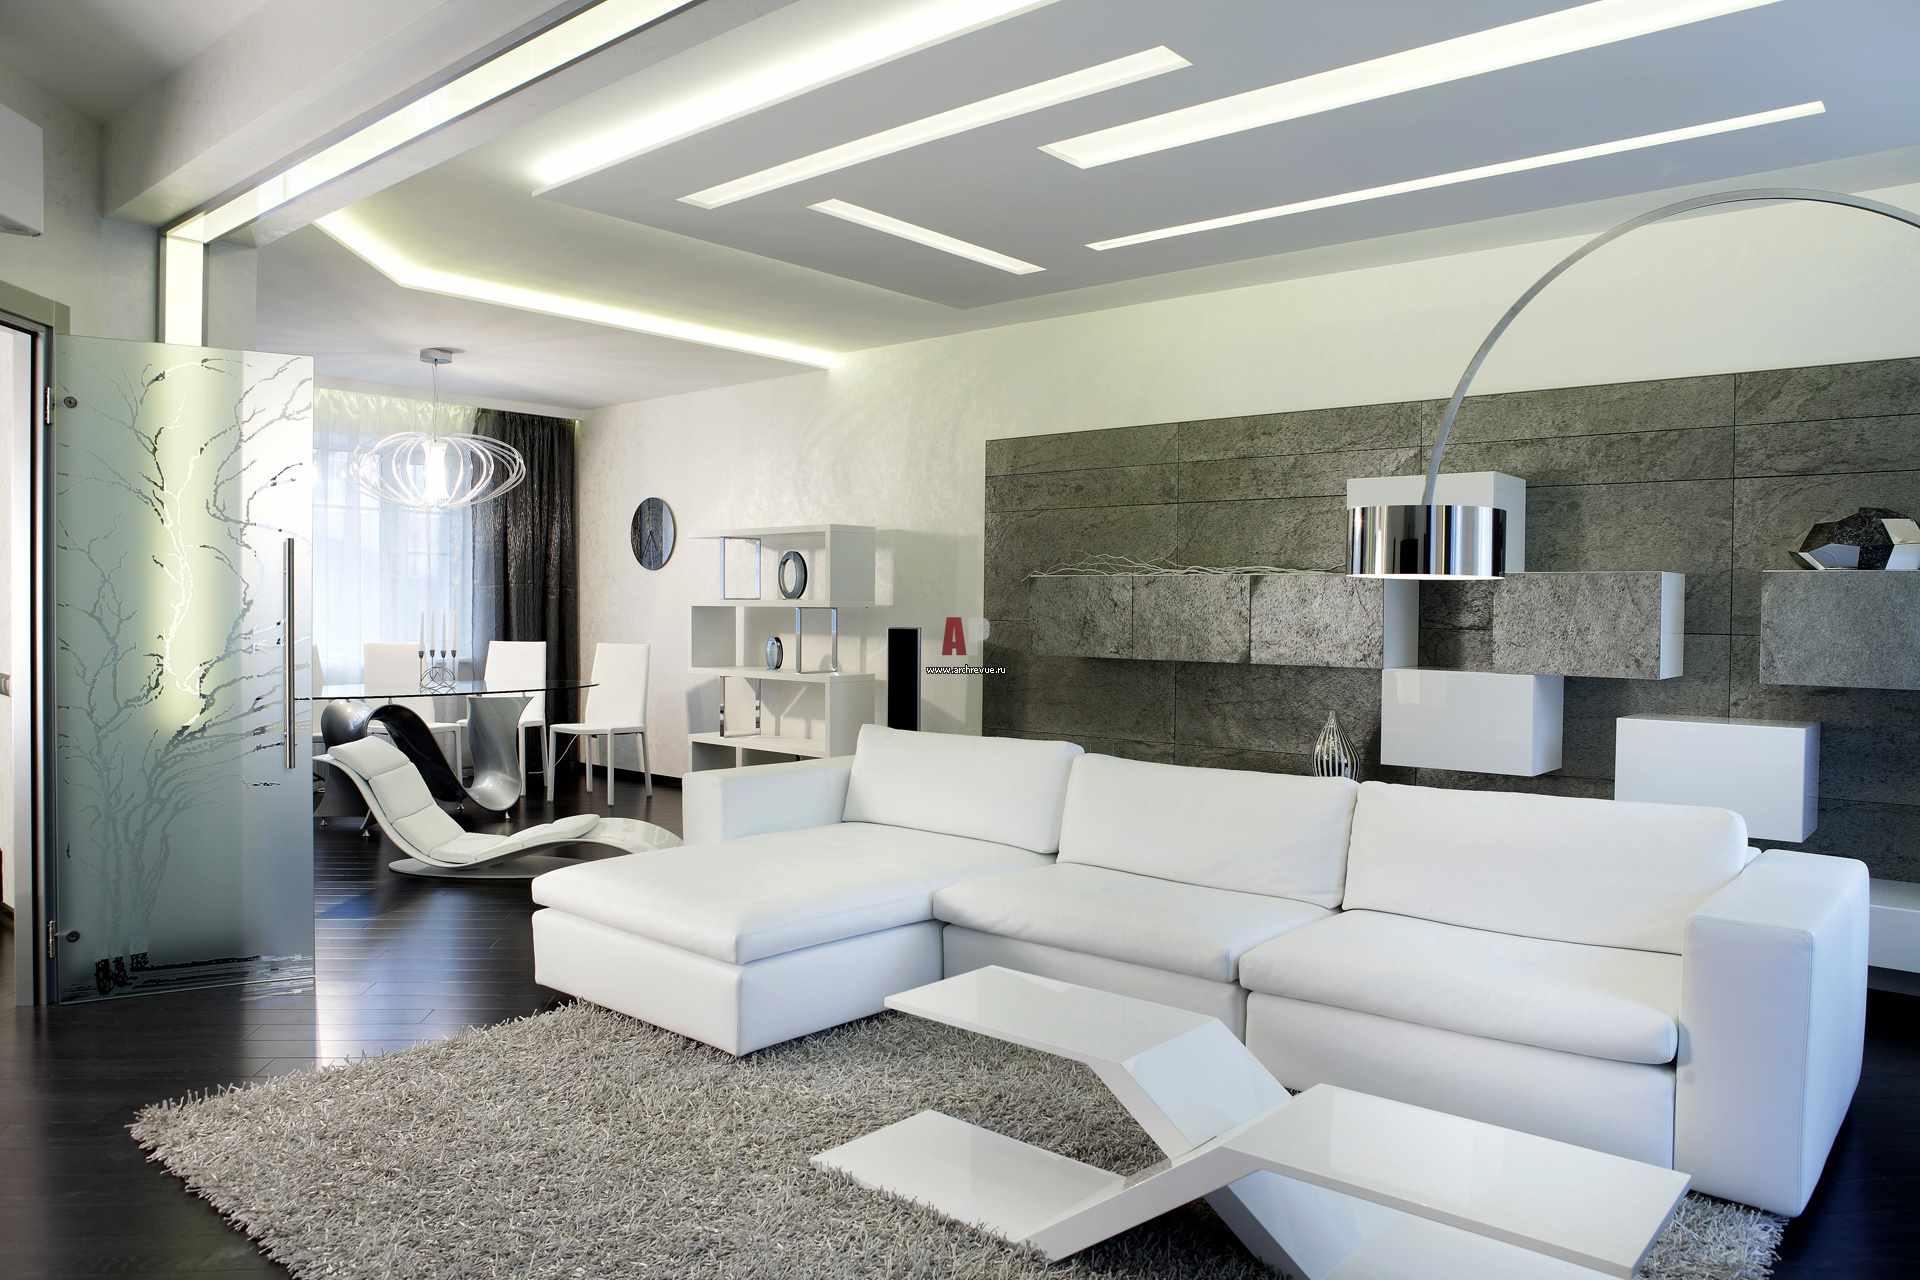 một ví dụ về việc áp dụng nội thất sáng sủa của phòng khách theo phong cách tối giản